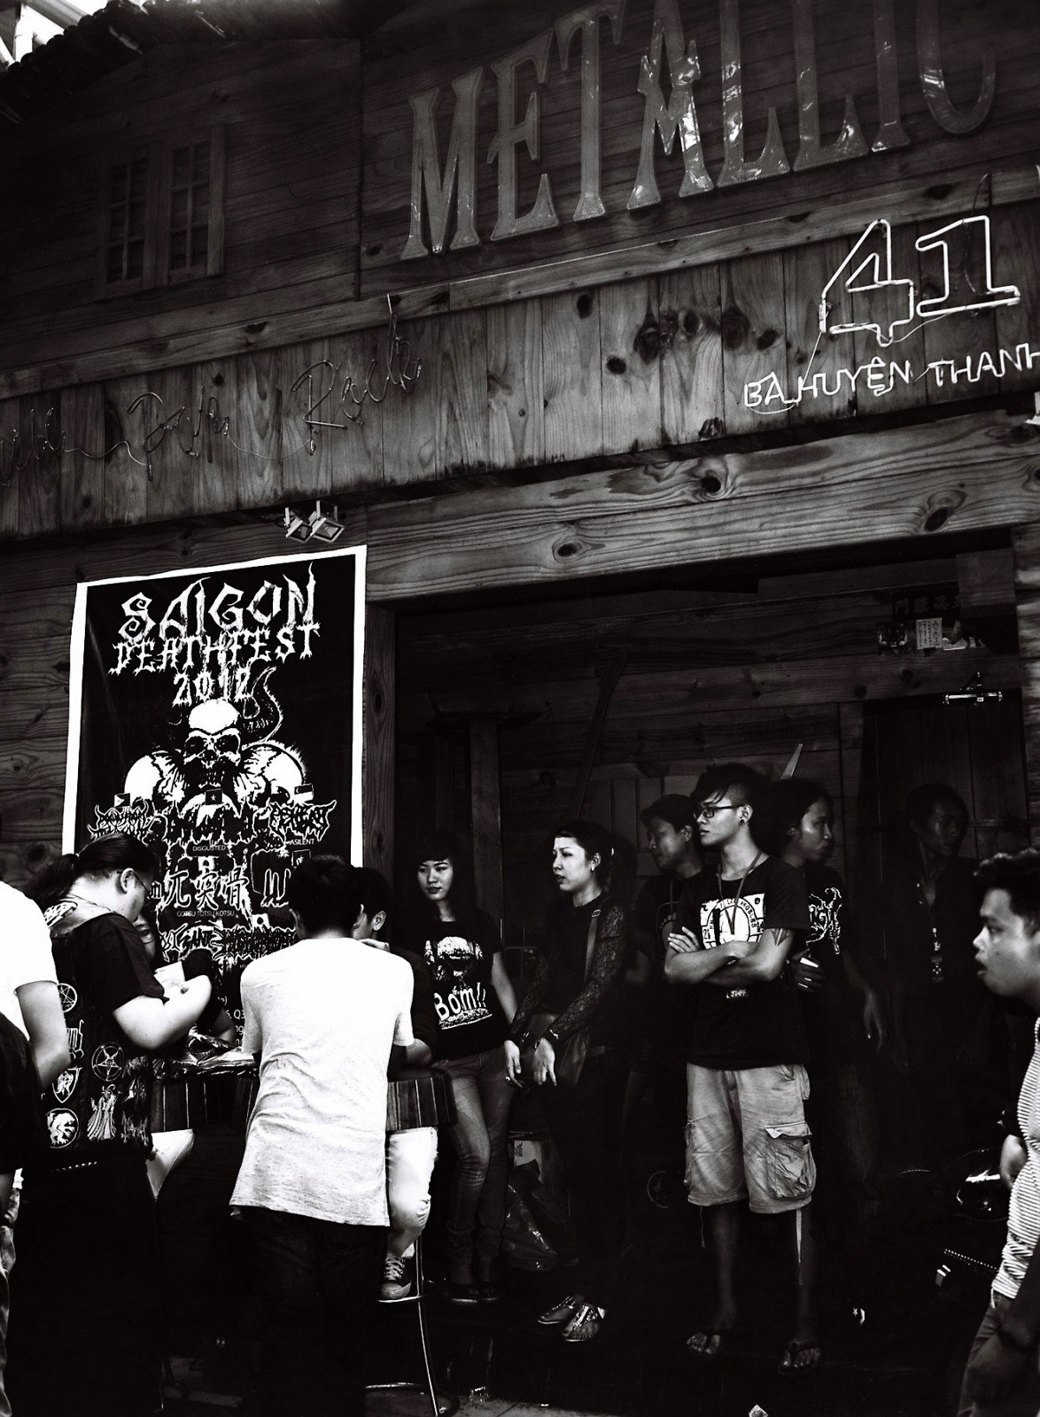 Азиатский андеграунд: Панк, грайндкор и экстремальный метал по-вьетнамски . Изображение № 13.